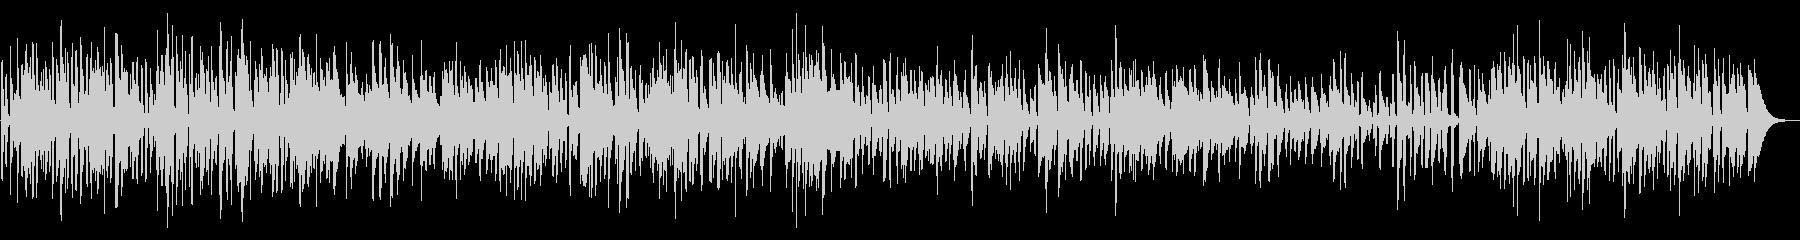 ギターボサノバYouTube犬猫ペット系の未再生の波形